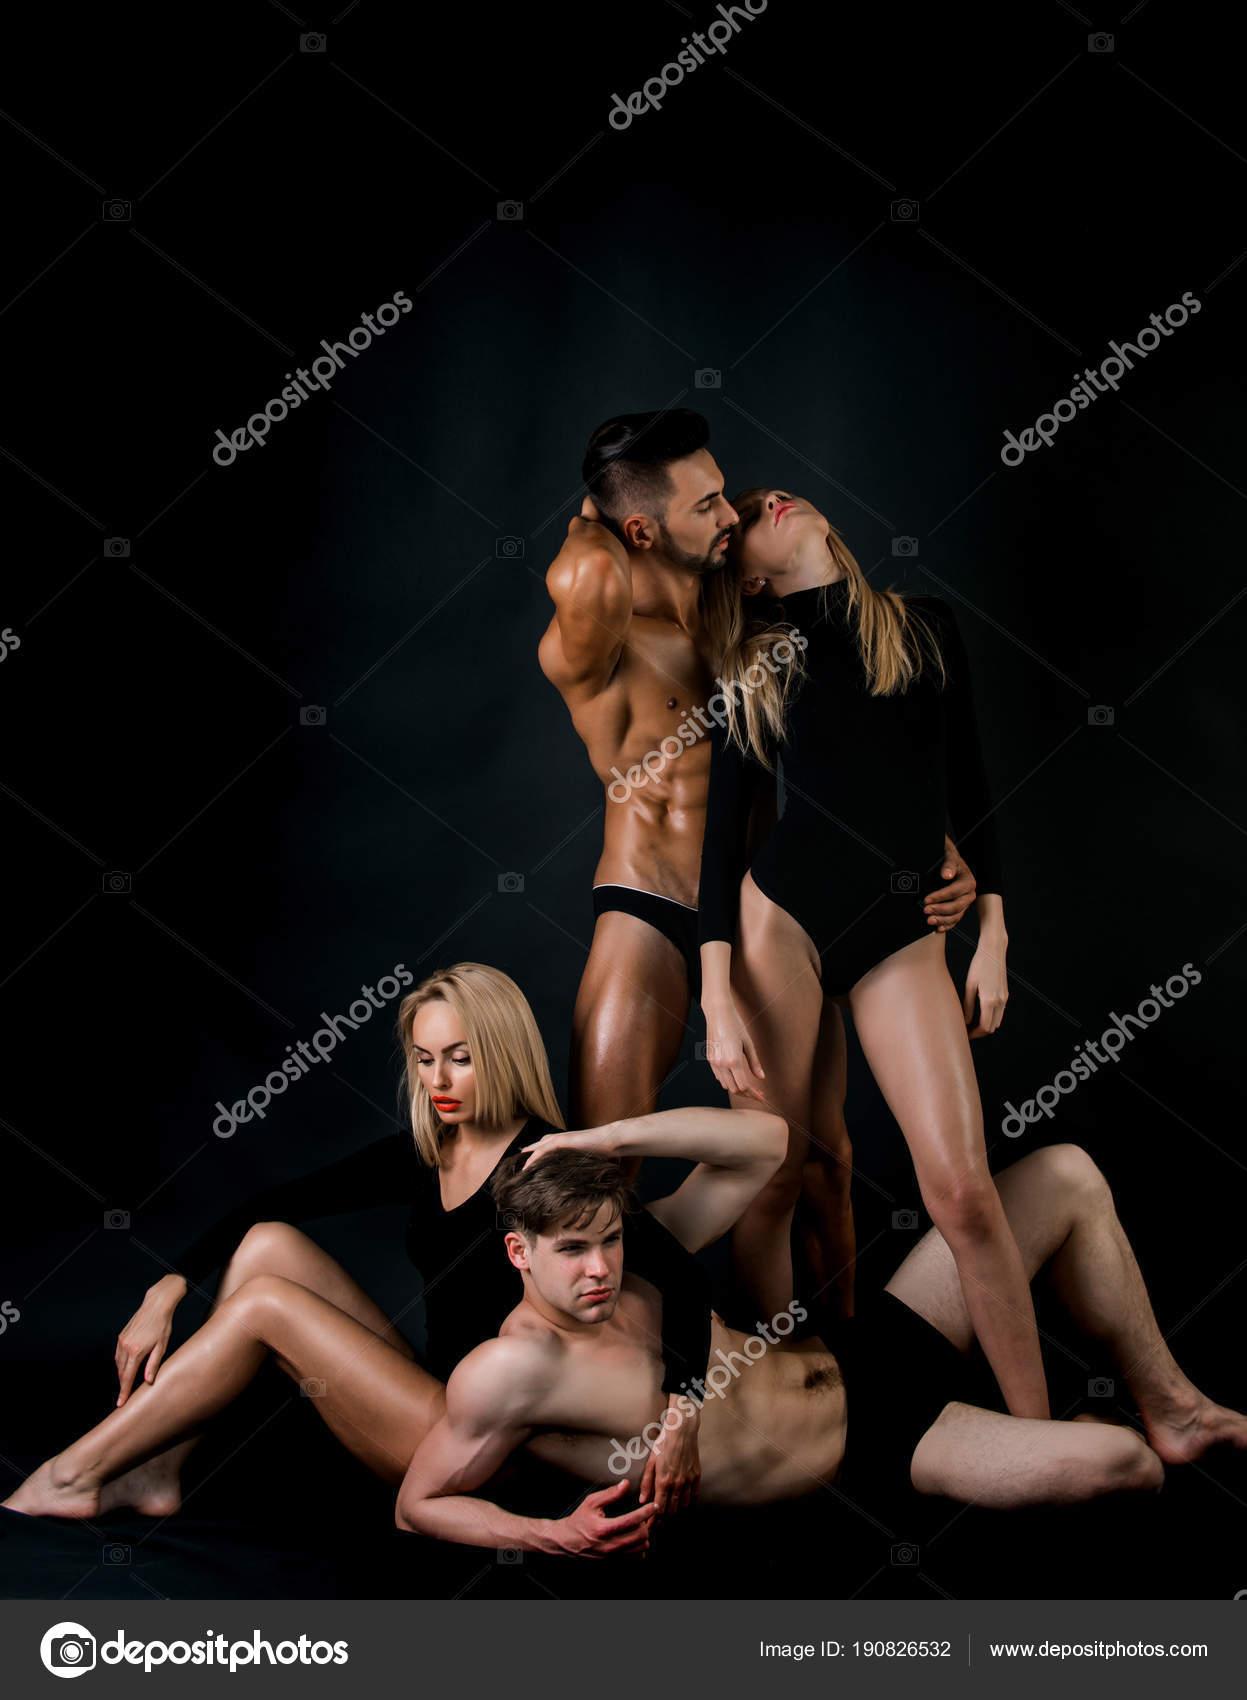 Athlete erotic men